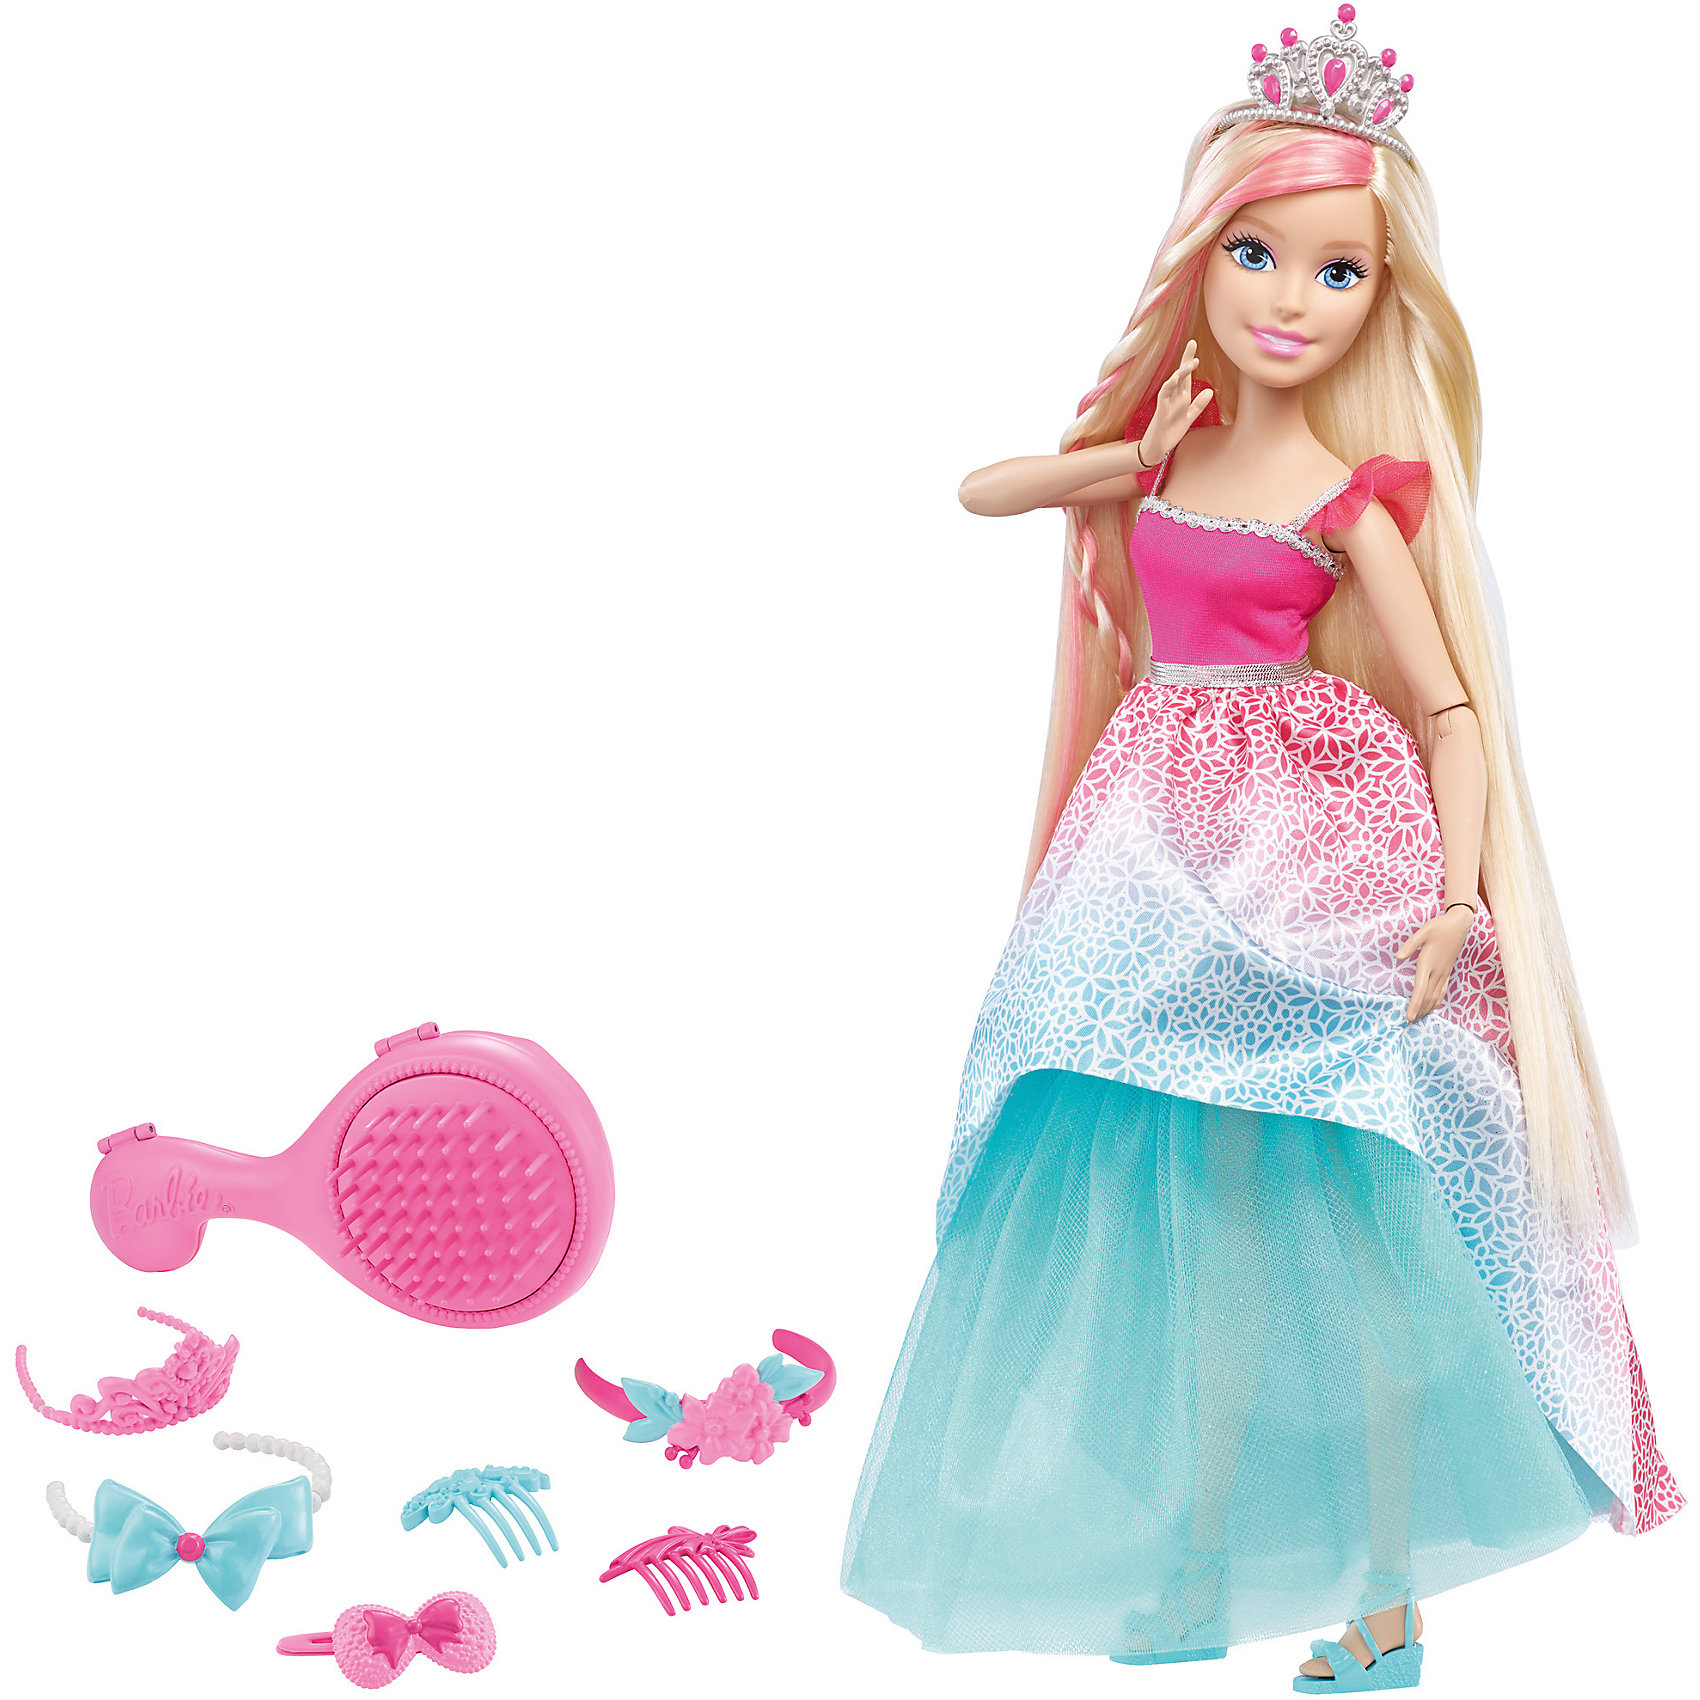 Кукла большого размера с длинными волосами, BarbieBarbie<br>Куклы большого размера с длинными волосами, Barbie, в ассортименте от Mattel (Маттел) ? новая линейка кукол Барби с длинными волосами и аксессуарами для волос. Куклы этой серии выполнены из безопасного и качественного пластика, части тела ? на шарнирах, что позволяет придавать разнообразные позы. <br>У Barbie длинные густые волосы, из которых можно делать огромное количество причесок. Кукла одета в праздничное платье: розовый лиф платья украшено тесьмой, низ платья состоит из двух юбок – нижняя пышная юбка голубого цвета, верхняя розовая с цветочным принтом. На ногах голубые босоножки. В комплекте с куклой имеется расческа-шкатулка, 3 заколки розового и голубого цвета, 2 заколки гребня, 1 повязка-баррета и тиара. <br>Куклы большого размера с длинными волосами, Barbie, в ассортименте от Mattel (Маттел) ? идеальный подарок для девочки к любому торжеству.<br><br>Дополнительная информация:<br><br>- Вид игр: сюжетно-ролевые <br>- Предназначение: для дома<br>- Комплектация: кукла, аксессуары <br>- Материал: пластик, резина, текстиль<br>- Размеры (Д*Ш*В): 9,5*35,5*32,5 см, высота куклы 43 см<br>- Вес: 950 г<br>- Особенности ухода: куклу и аксессуары можно мыть в теплой мыльной воде<br><br>Подробнее:<br><br>• Для детей в возрасте: от 3 лет и до 12 лет<br>• Страна производитель: Индонезия<br>• Торговый бренд: Barbie<br><br>Куклы большого размера с длинными волосами, Barbie, в ассортименте от Mattel (Маттел) можно купить в нашем интернет-магазине.<br><br>Ширина мм: 95<br>Глубина мм: 355<br>Высота мм: 325<br>Вес г: 950<br>Возраст от месяцев: 36<br>Возраст до месяцев: 144<br>Пол: Женский<br>Возраст: Детский<br>SKU: 4915800